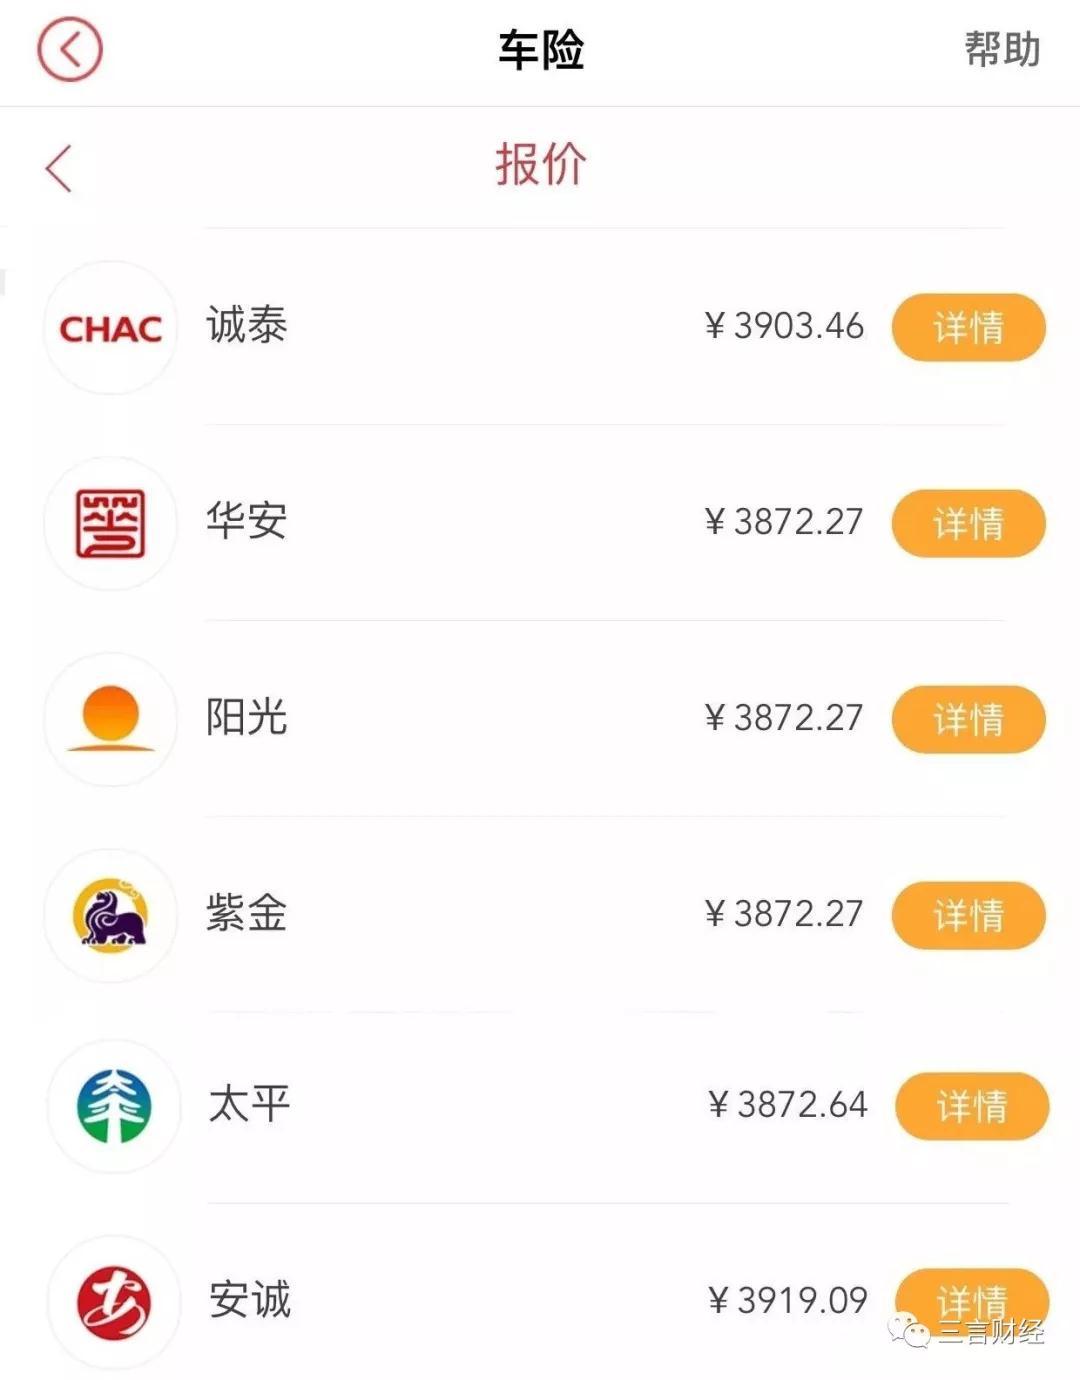 直通万连CEO车辕失联近2月,被曝涉阳光保险百亿腐败案6